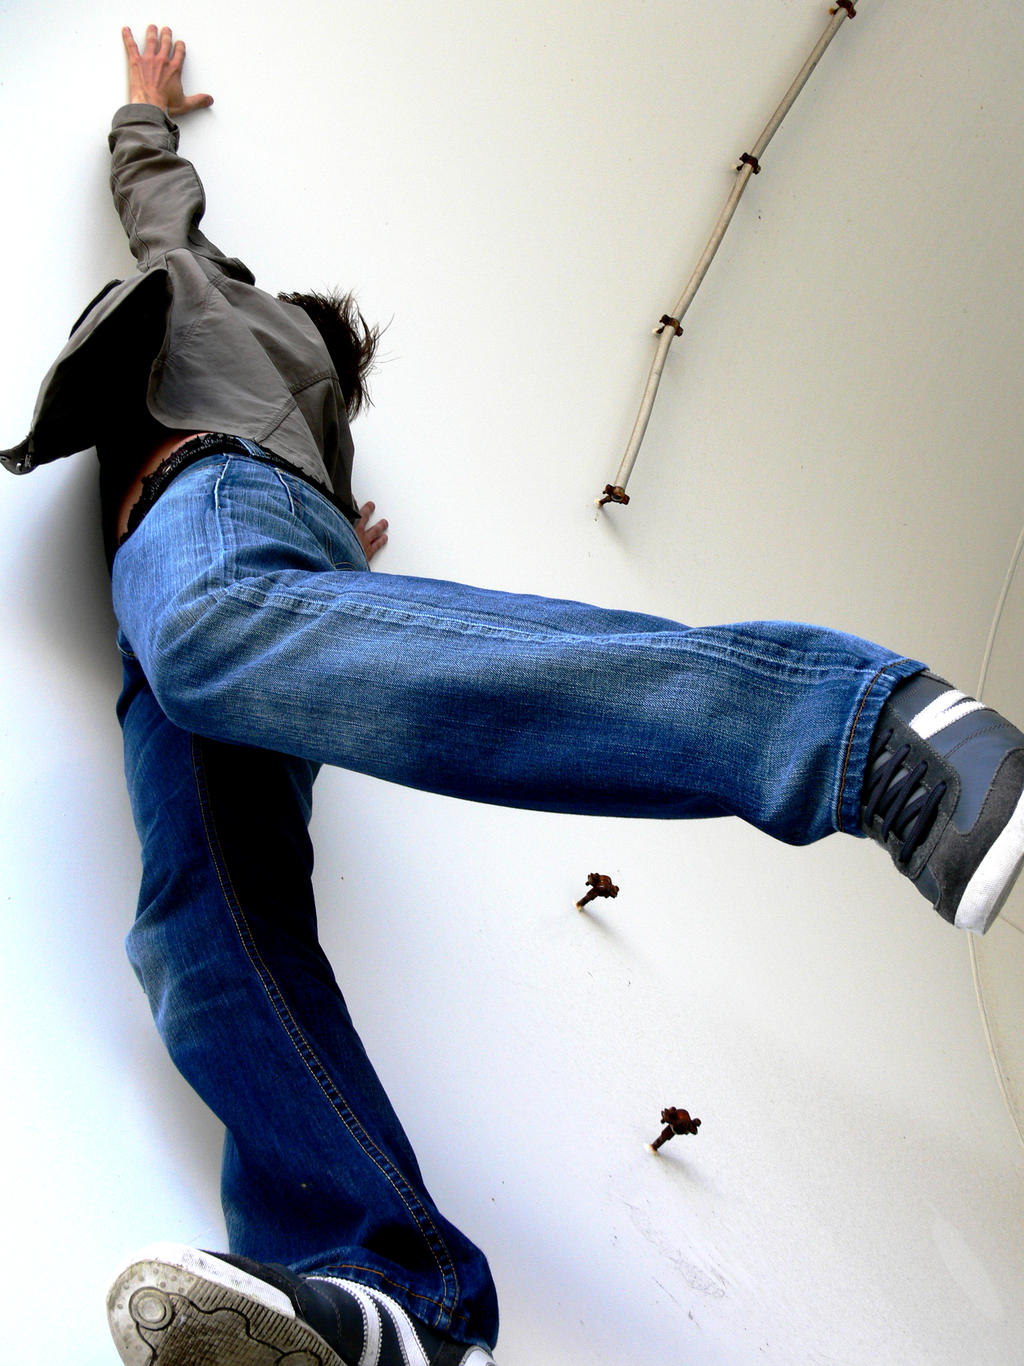 Stock 042 - Paul Falling